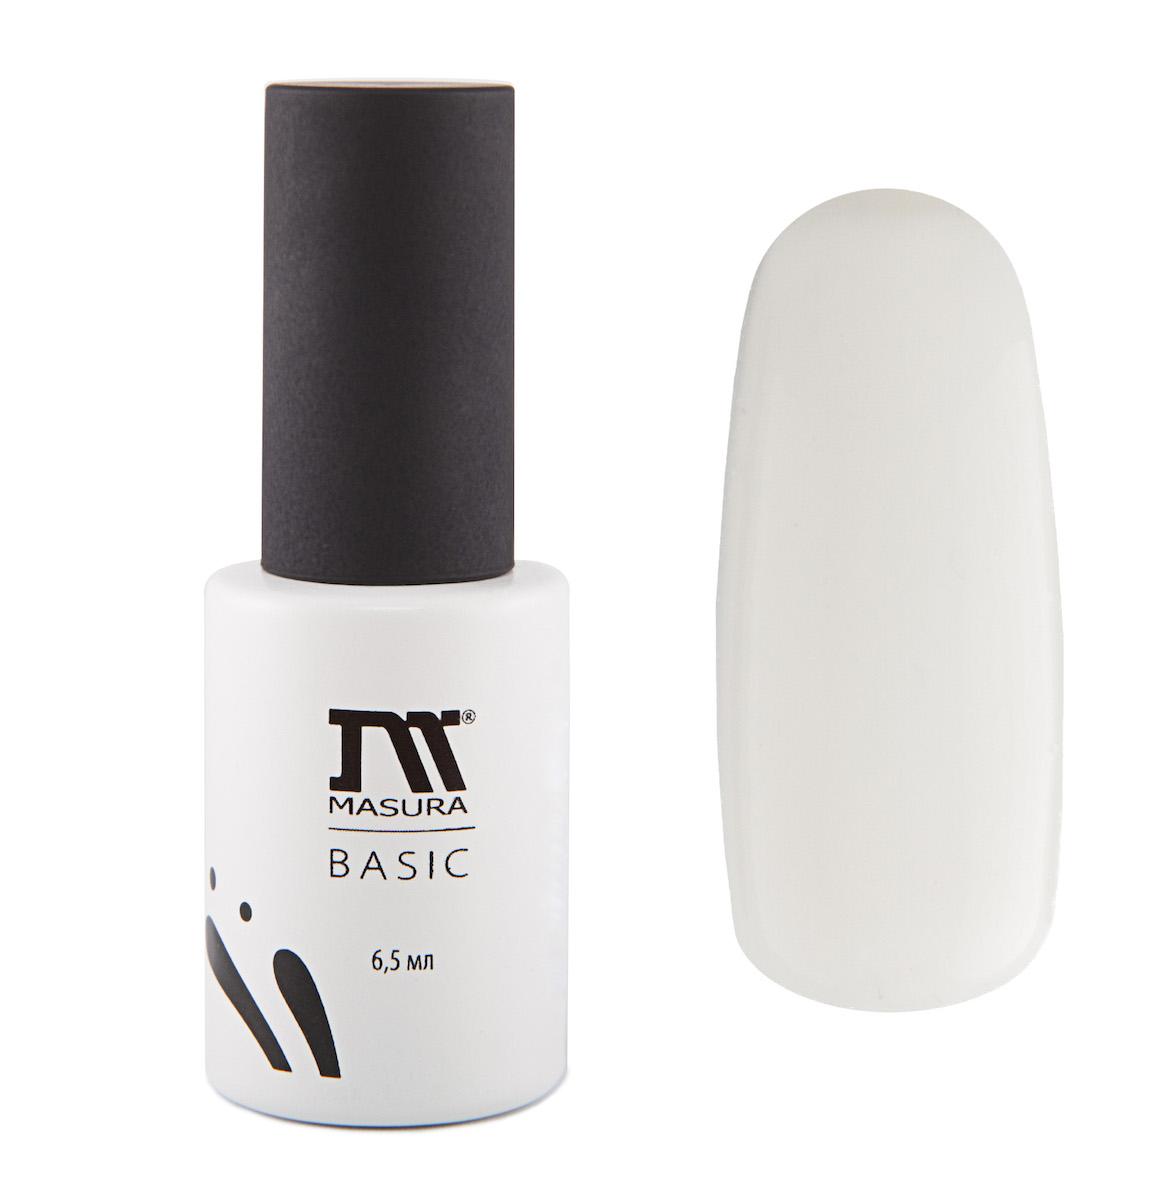 Masura BASIC White Base/Белая основа для гель-лаков 6,5 мл13101023Белая базарекомендуется для применения с неплотными, полупрозрачными цветными гель-лаками.Требует применения праймера (артикул 312).